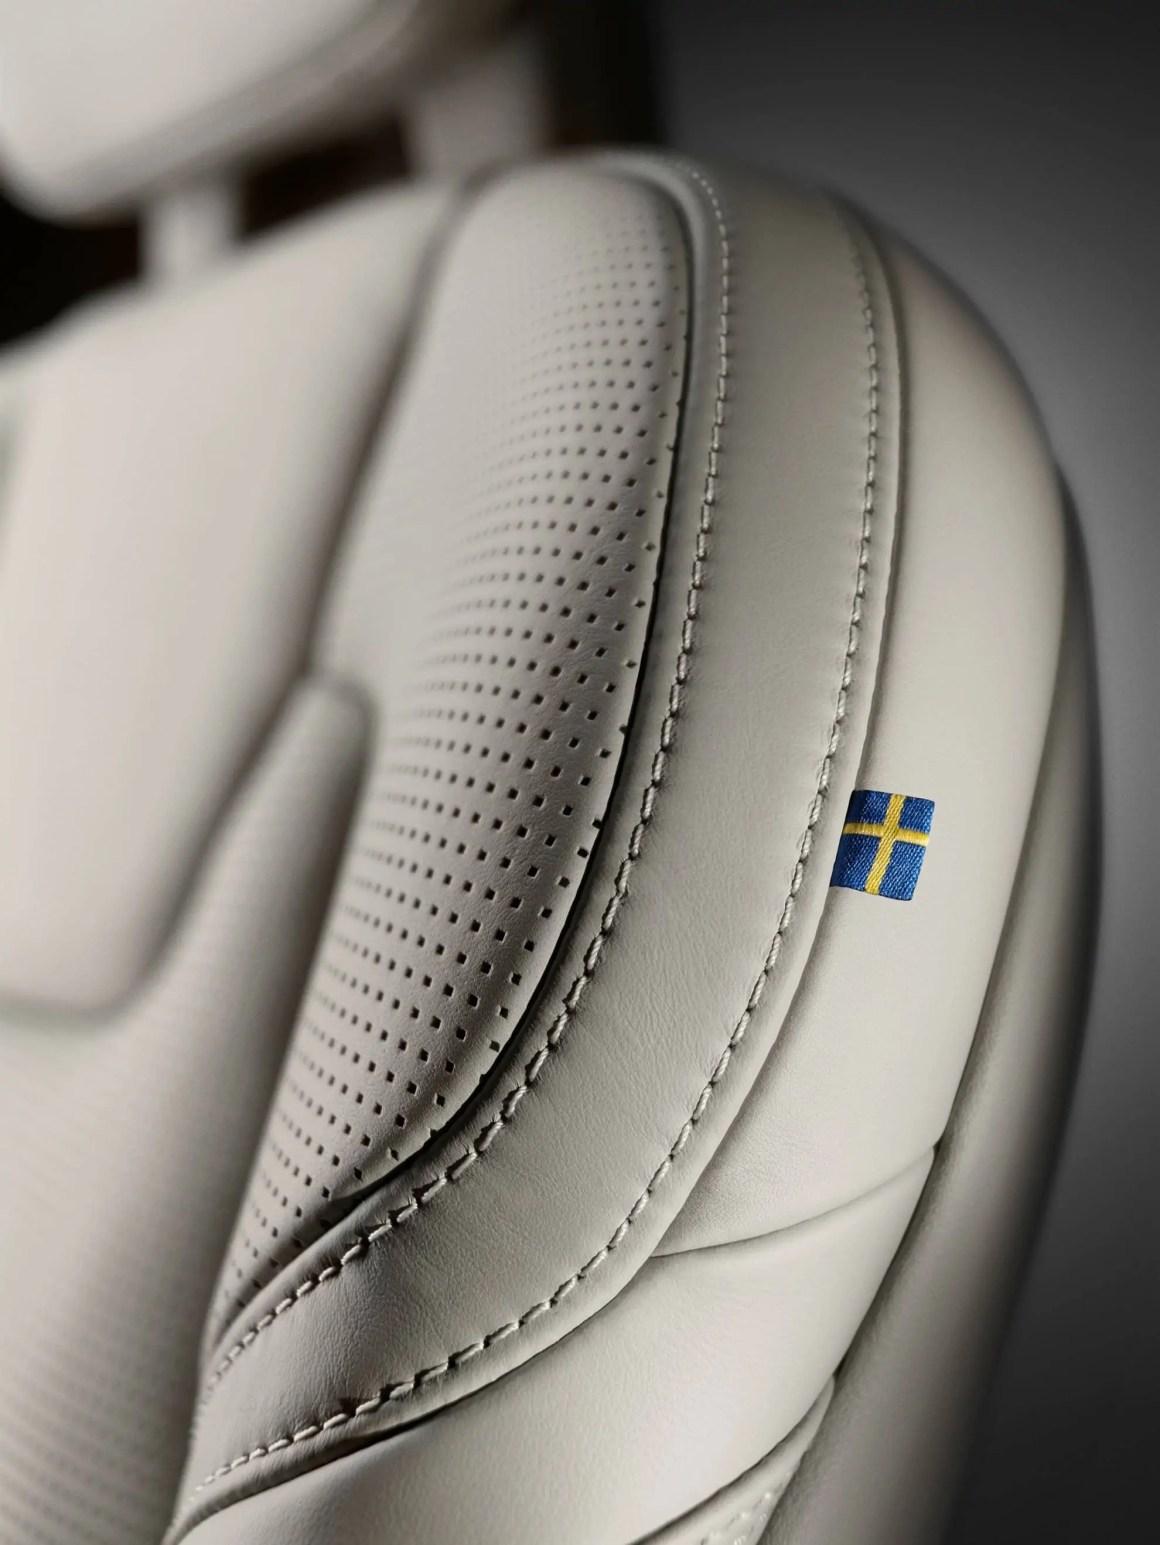 Volvo-V90-13